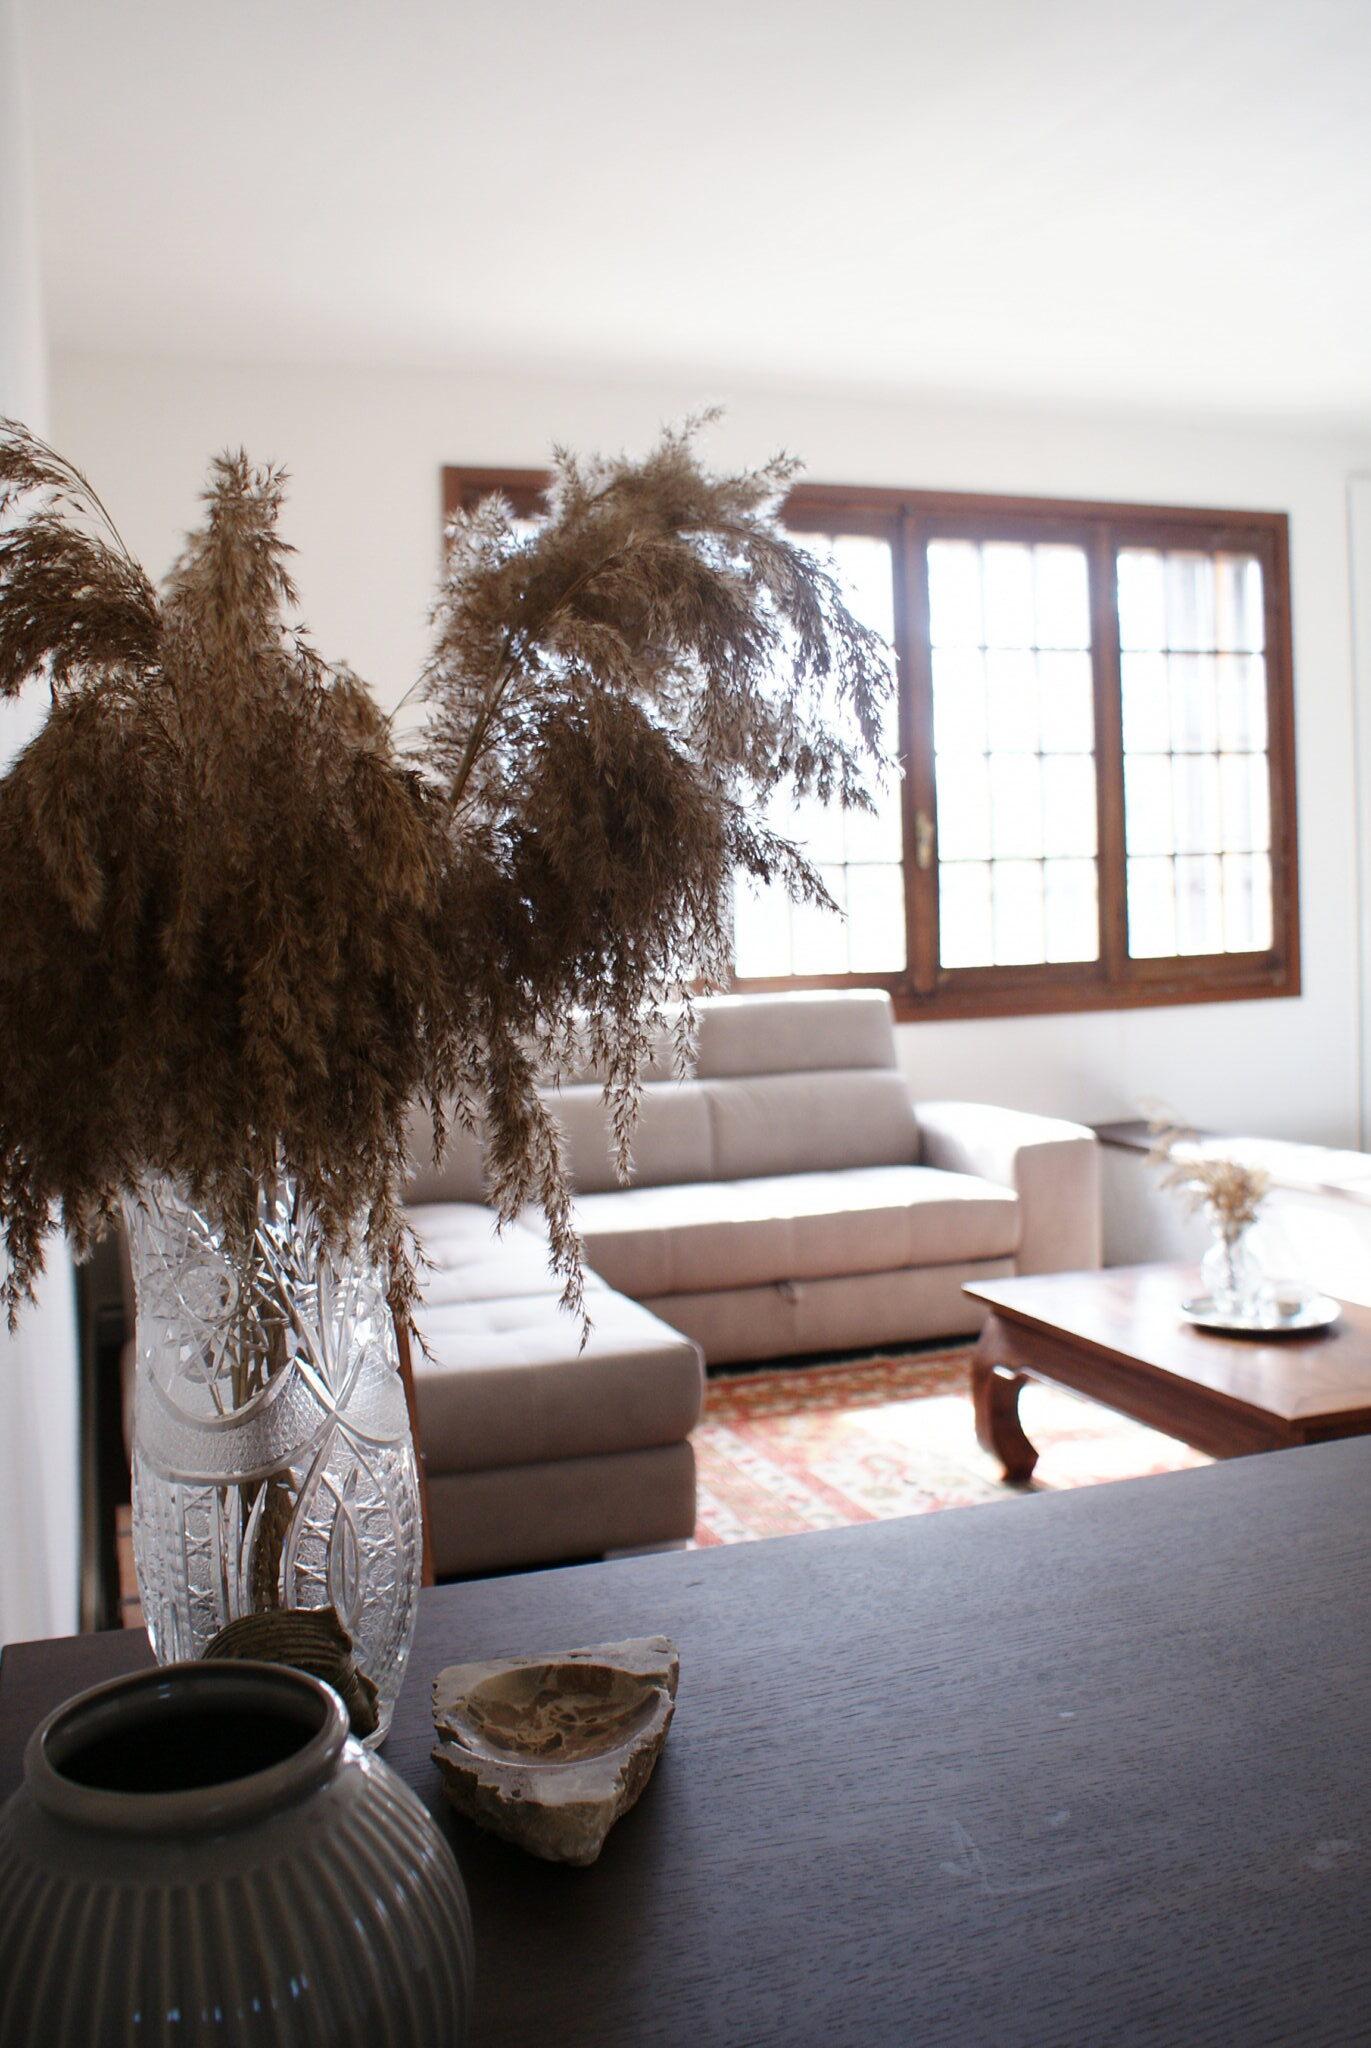 5 five ways tricks tips inexpensive make home look expensive budget luxurious consigli trucchi modi far sembrare casa costosa economici decor